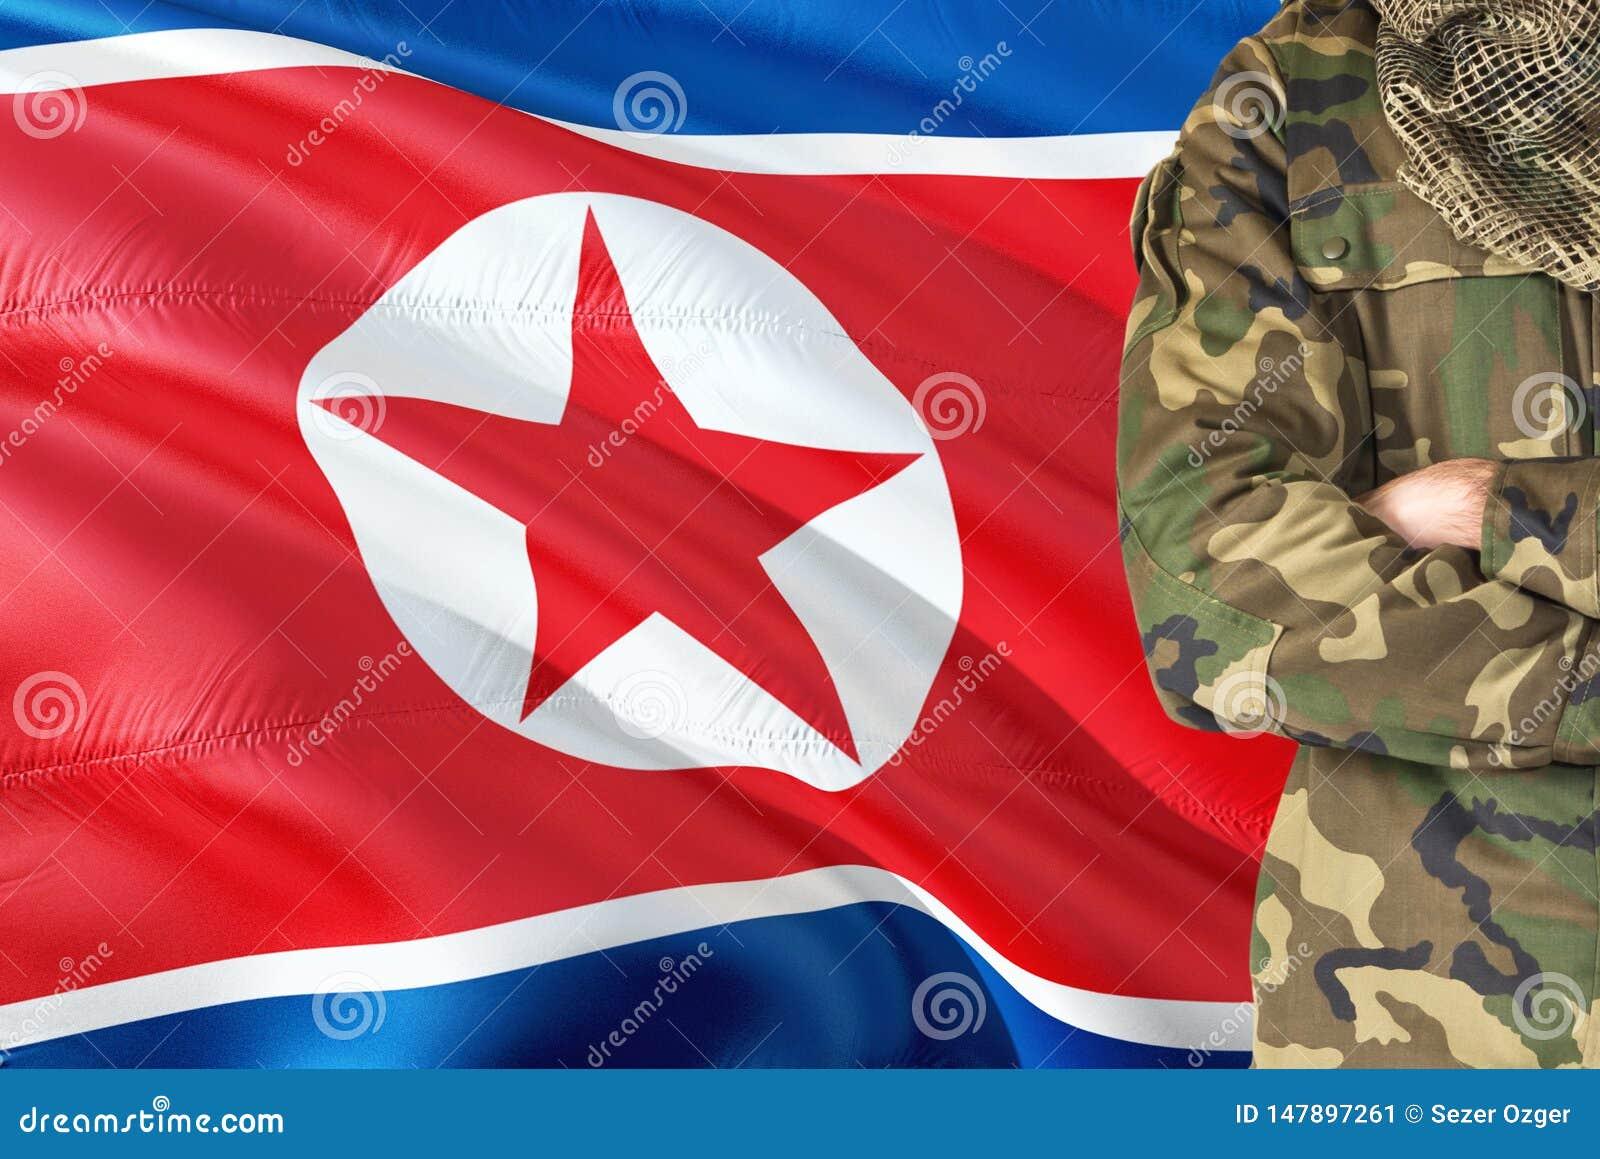 有全国挥动的旗子的横渡的胳膊北朝鲜的士兵在背景-北朝鲜军事题材